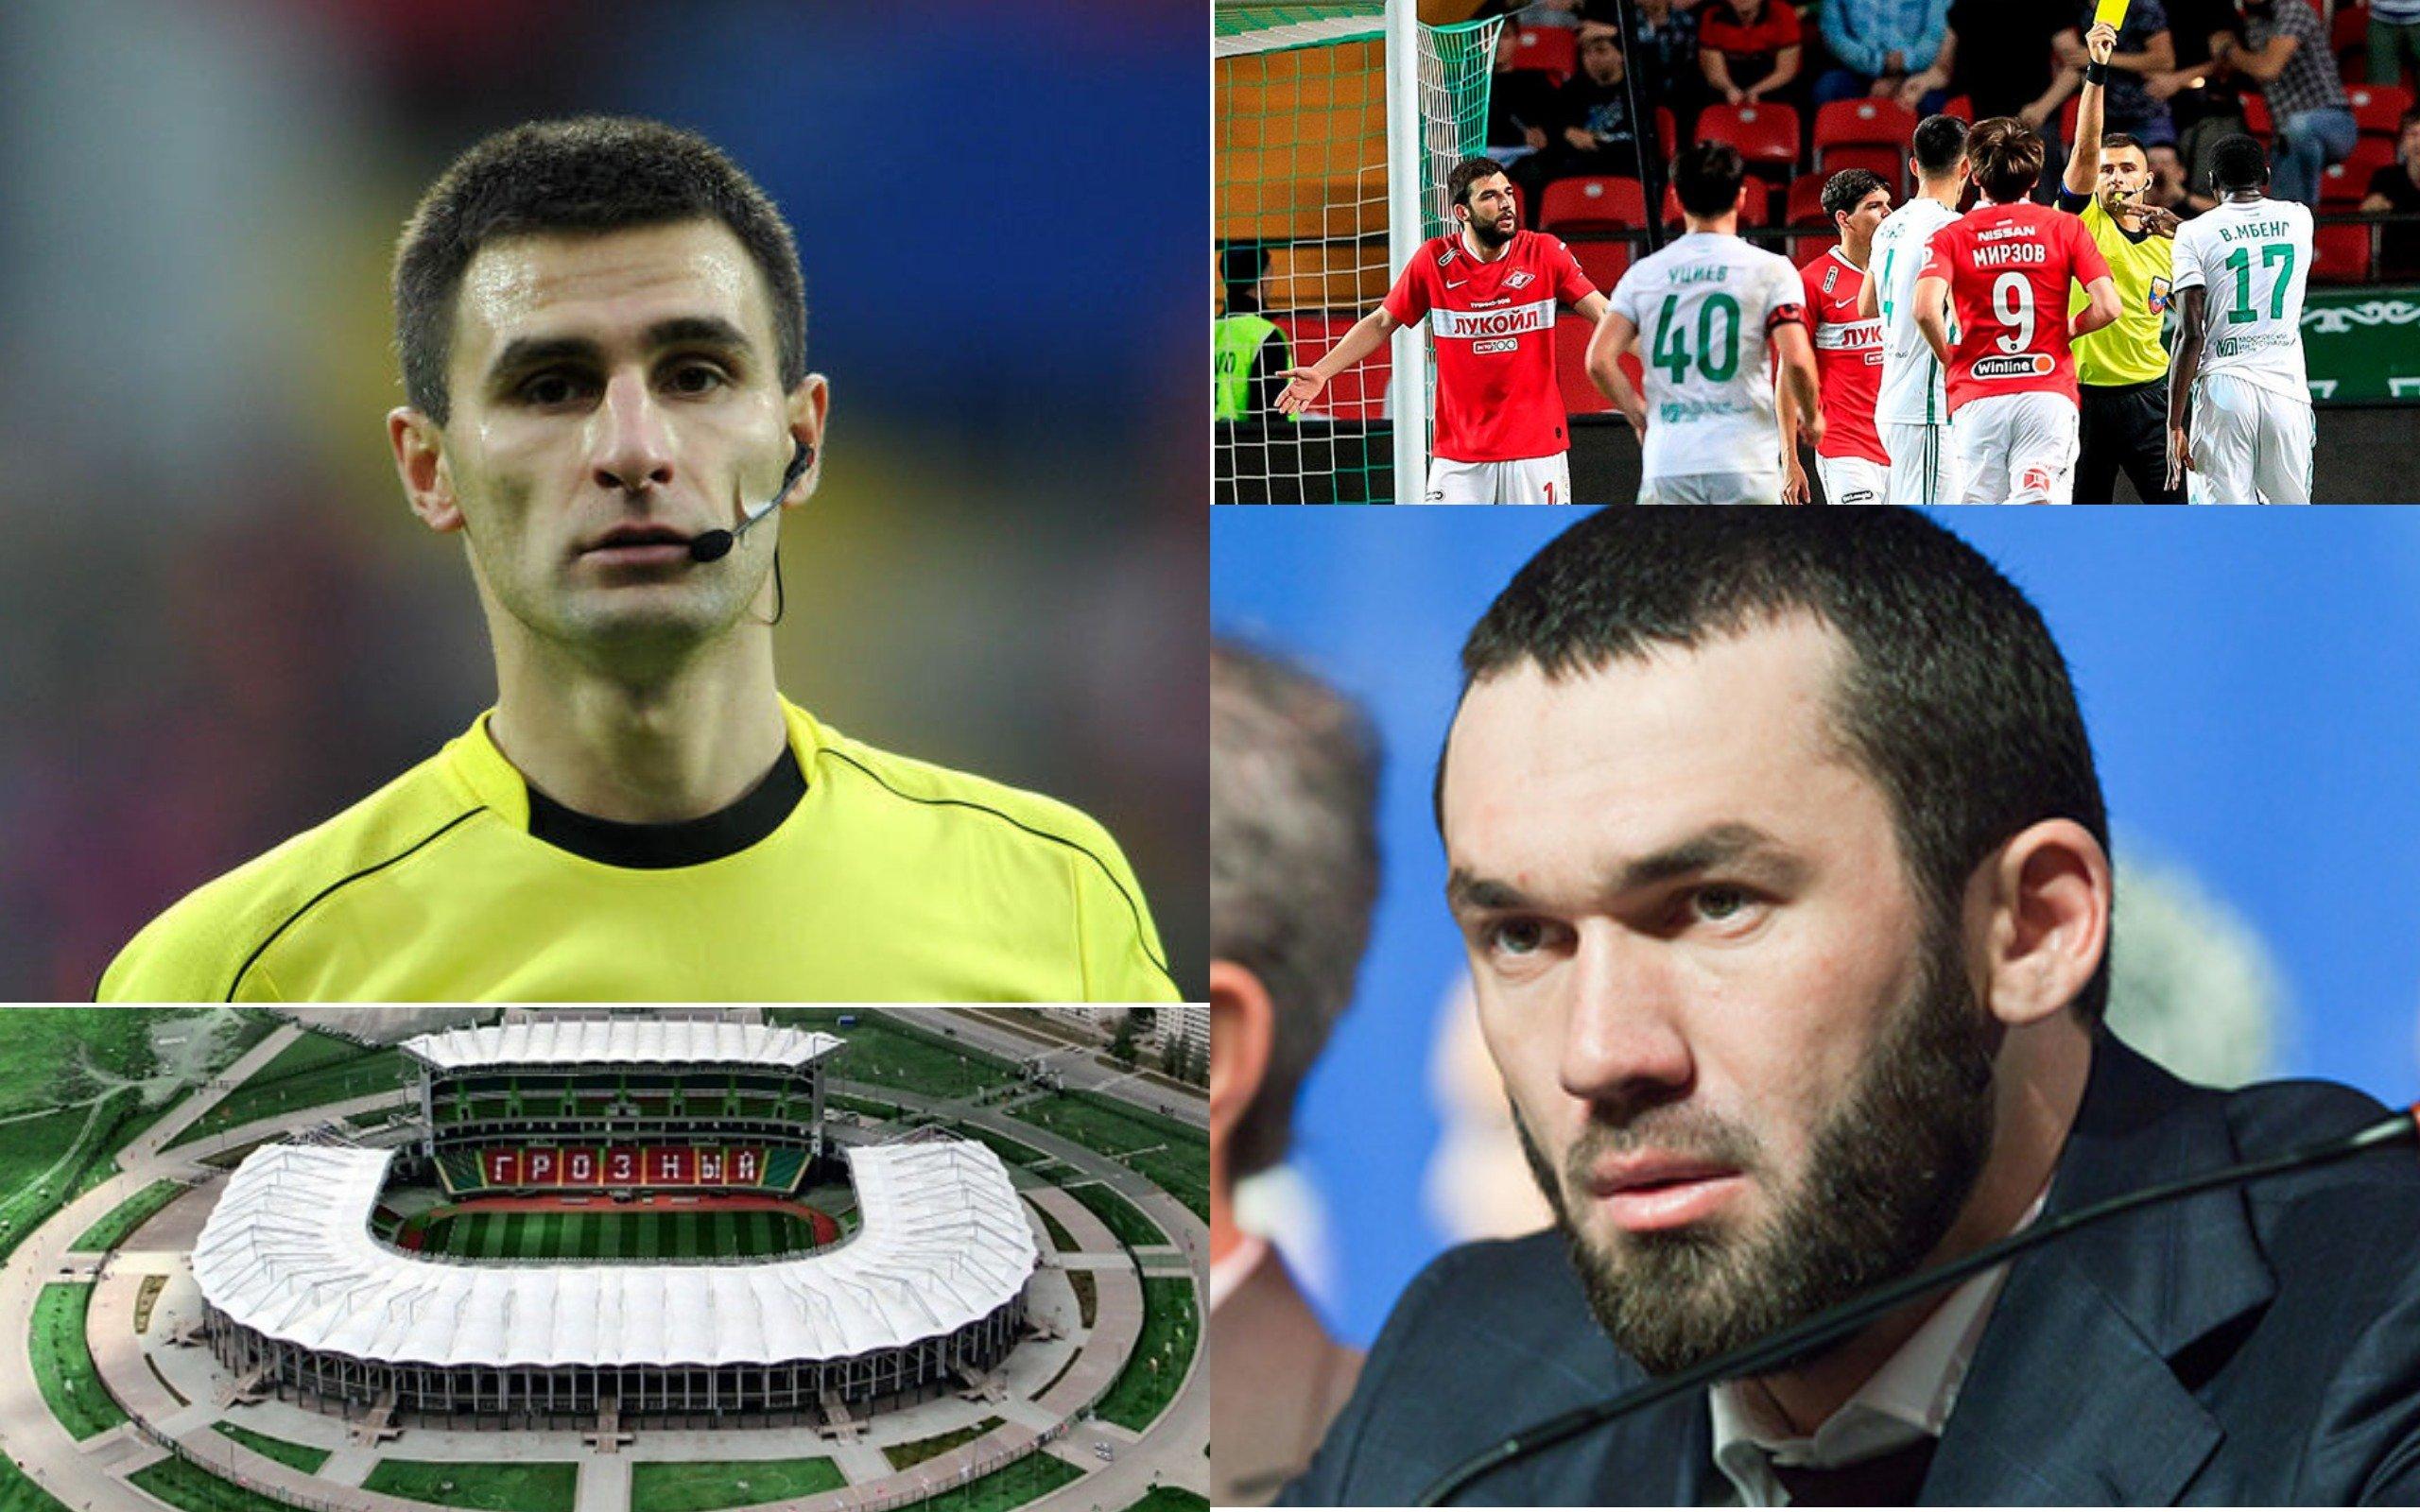 Главу парламента Чечни Магомеда Даудова заподозрили в «физическом воздействии» на футбольного судью — после матча, в котором арбитра публично оскорбили